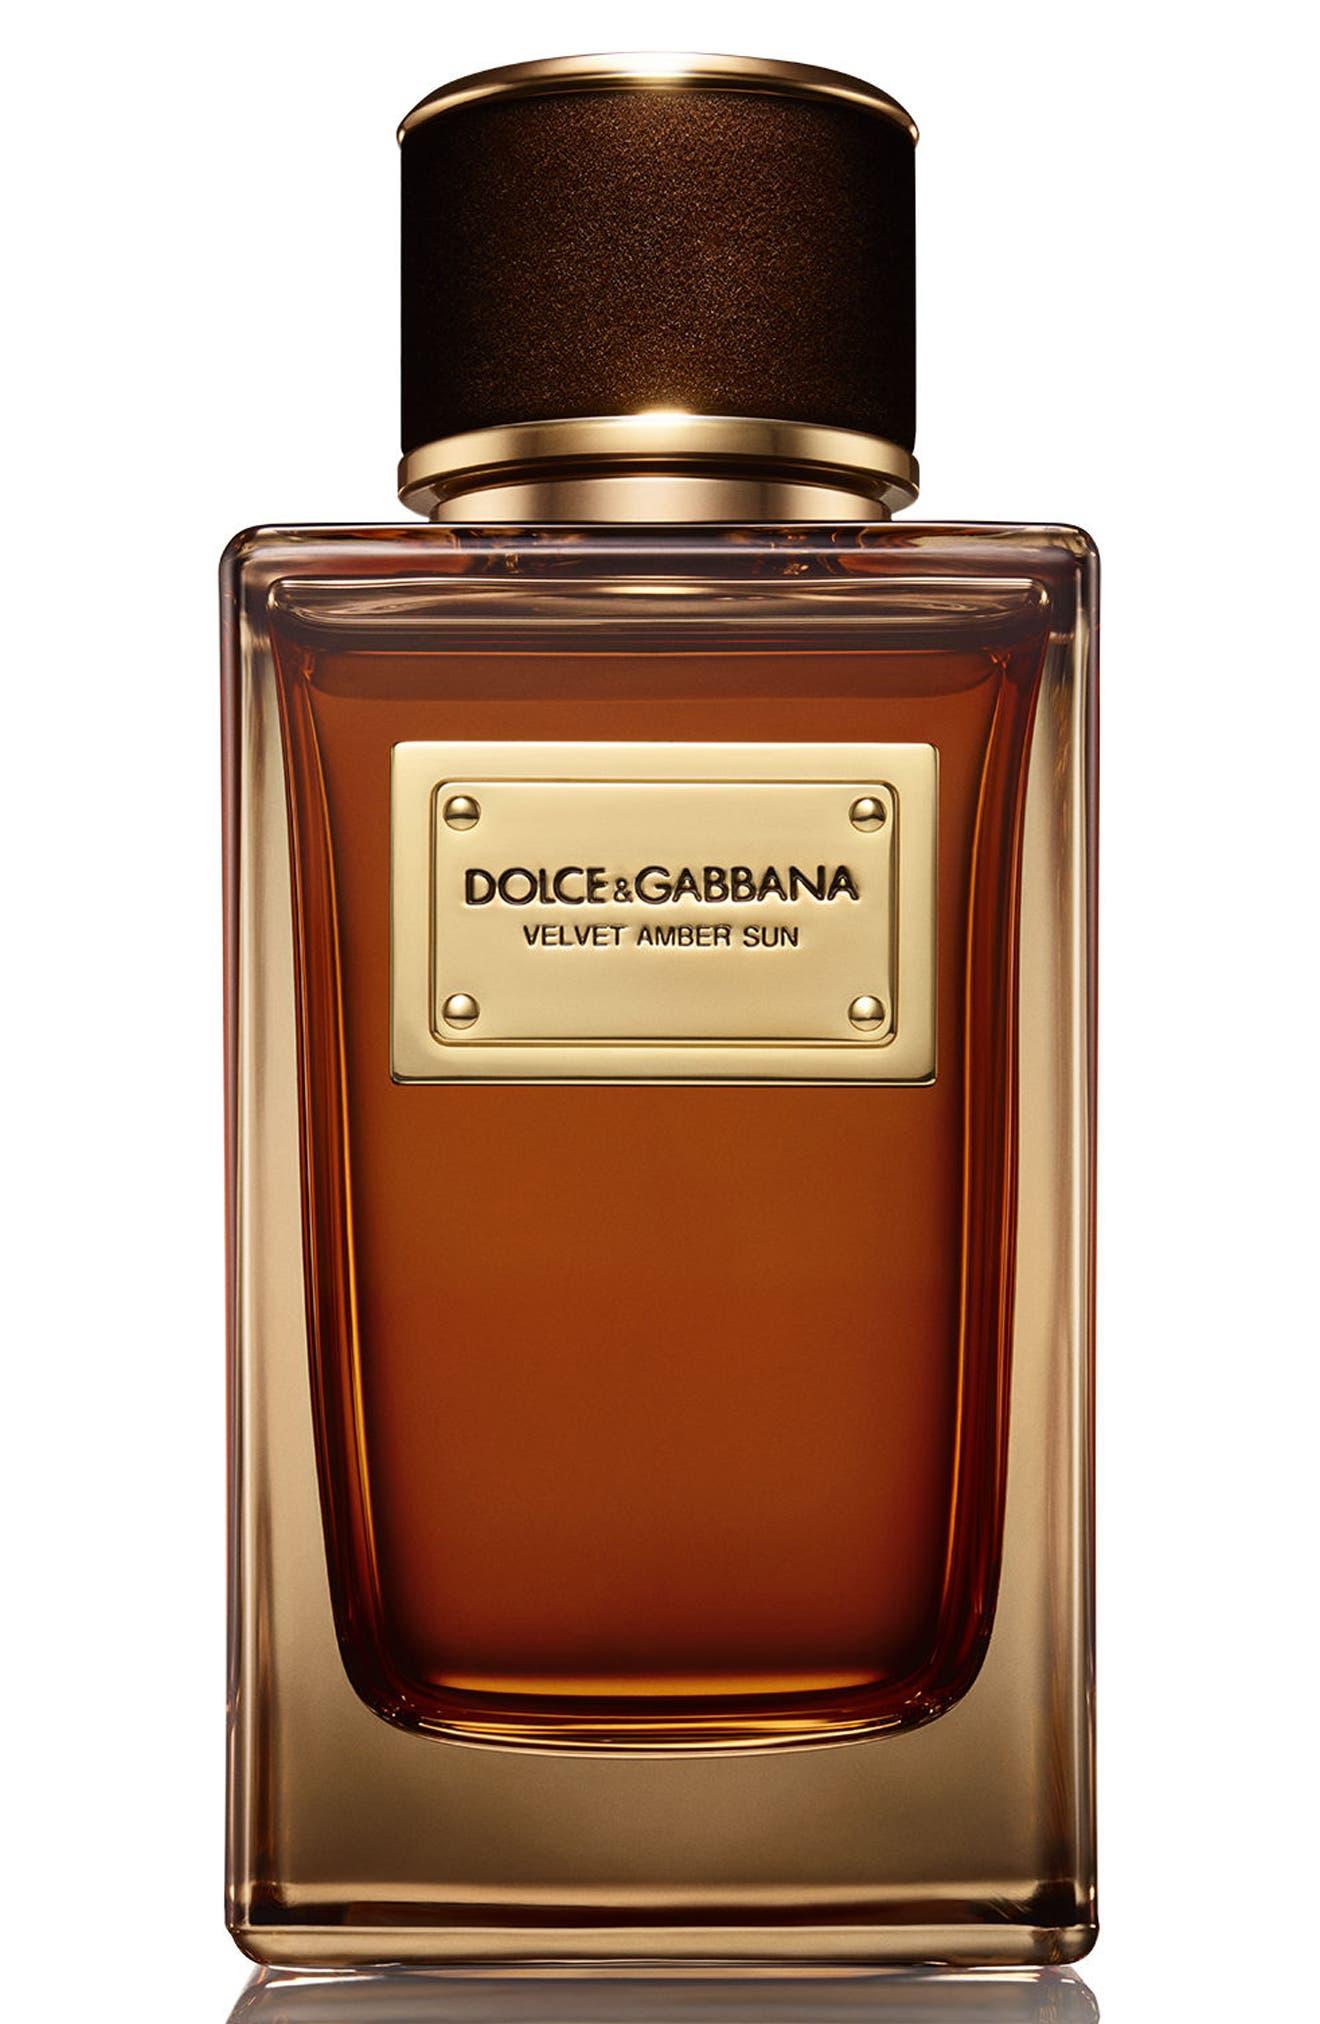 Dolce&Gabbana Velvet Amber Sun Eau de Parfum,                             Main thumbnail 1, color,                             NO COLOR